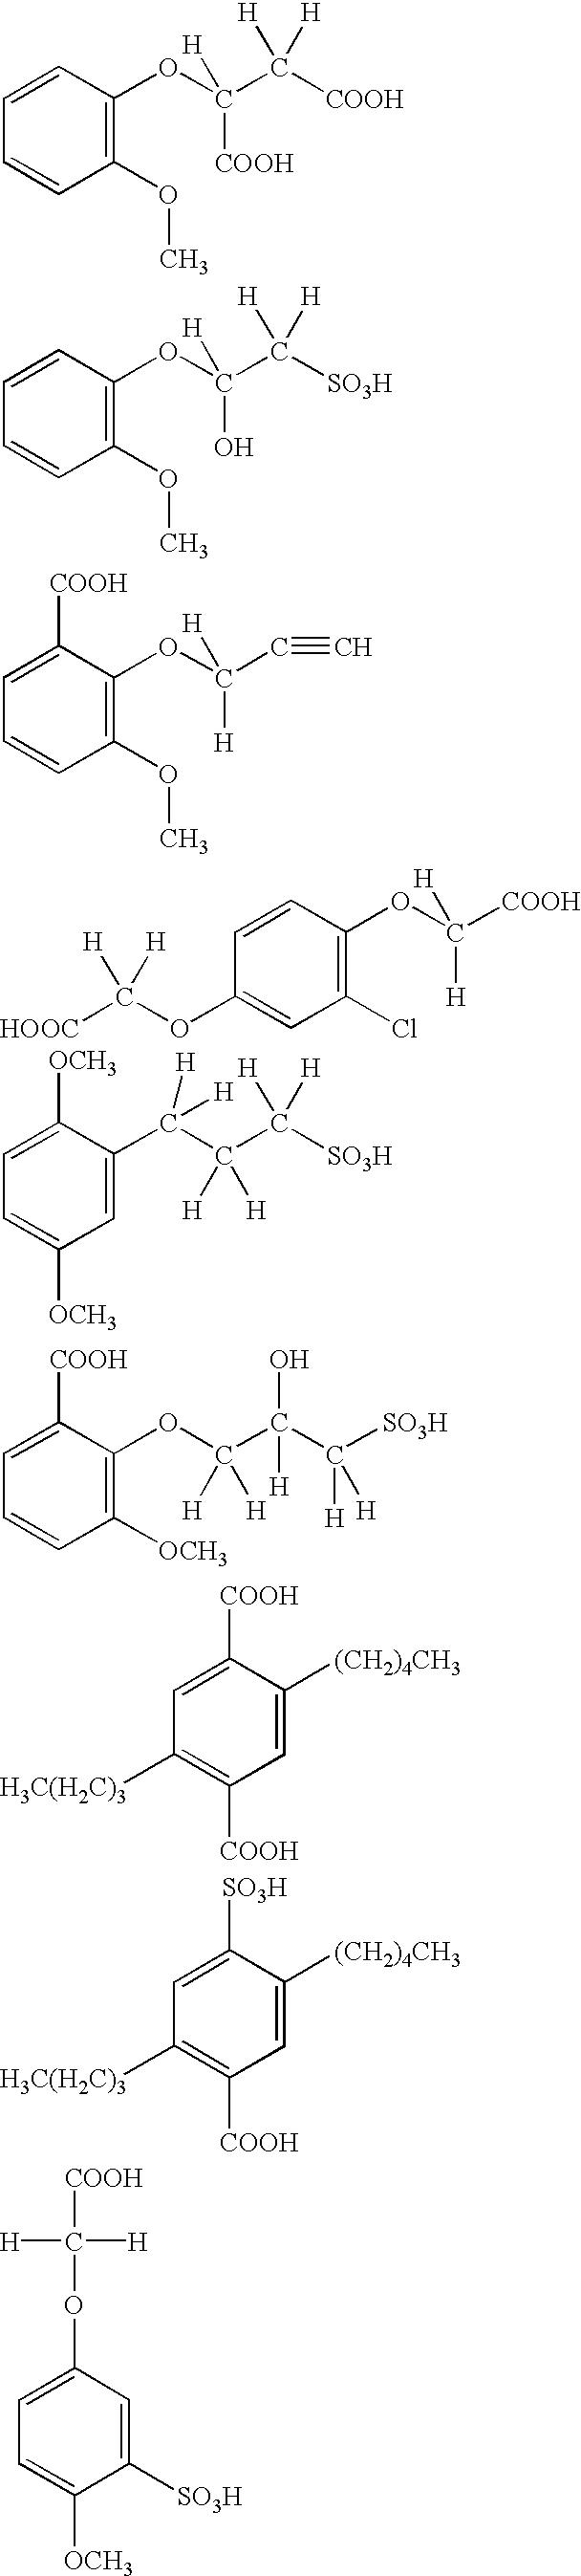 Figure US06803395-20041012-C00087